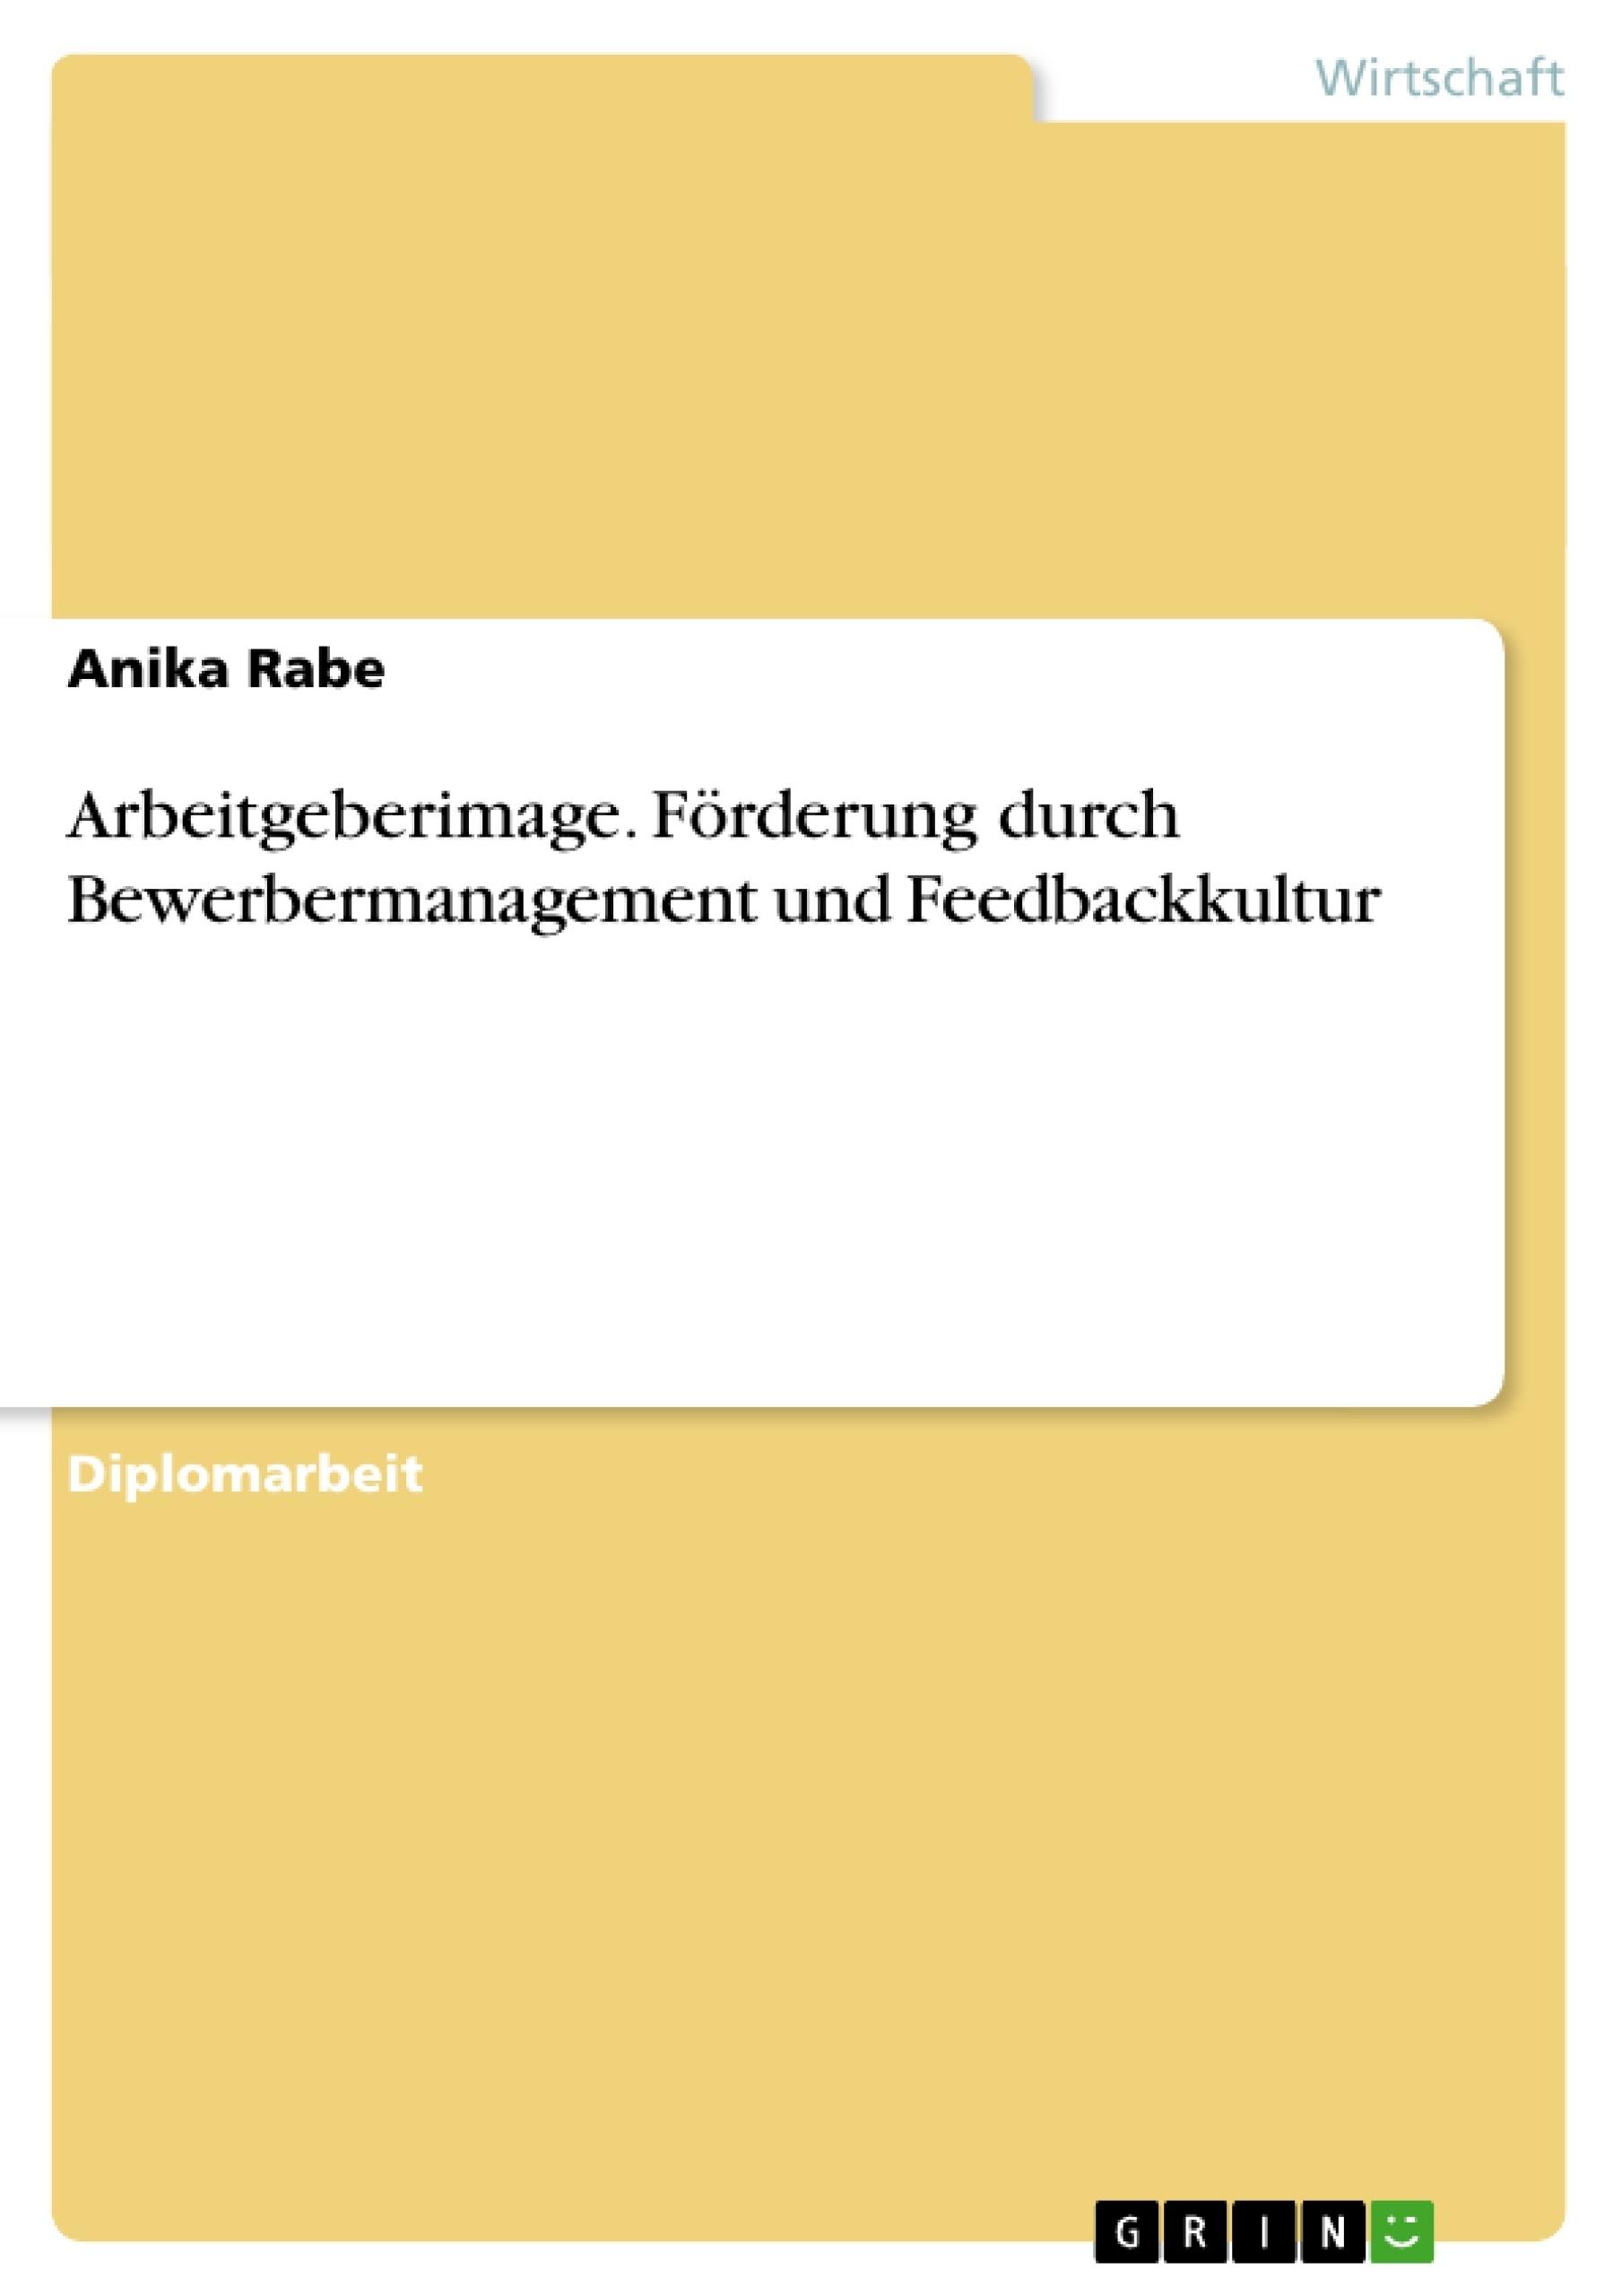 Titel: Arbeitgeberimage. Förderung durch Bewerbermanagement und Feedbackkultur